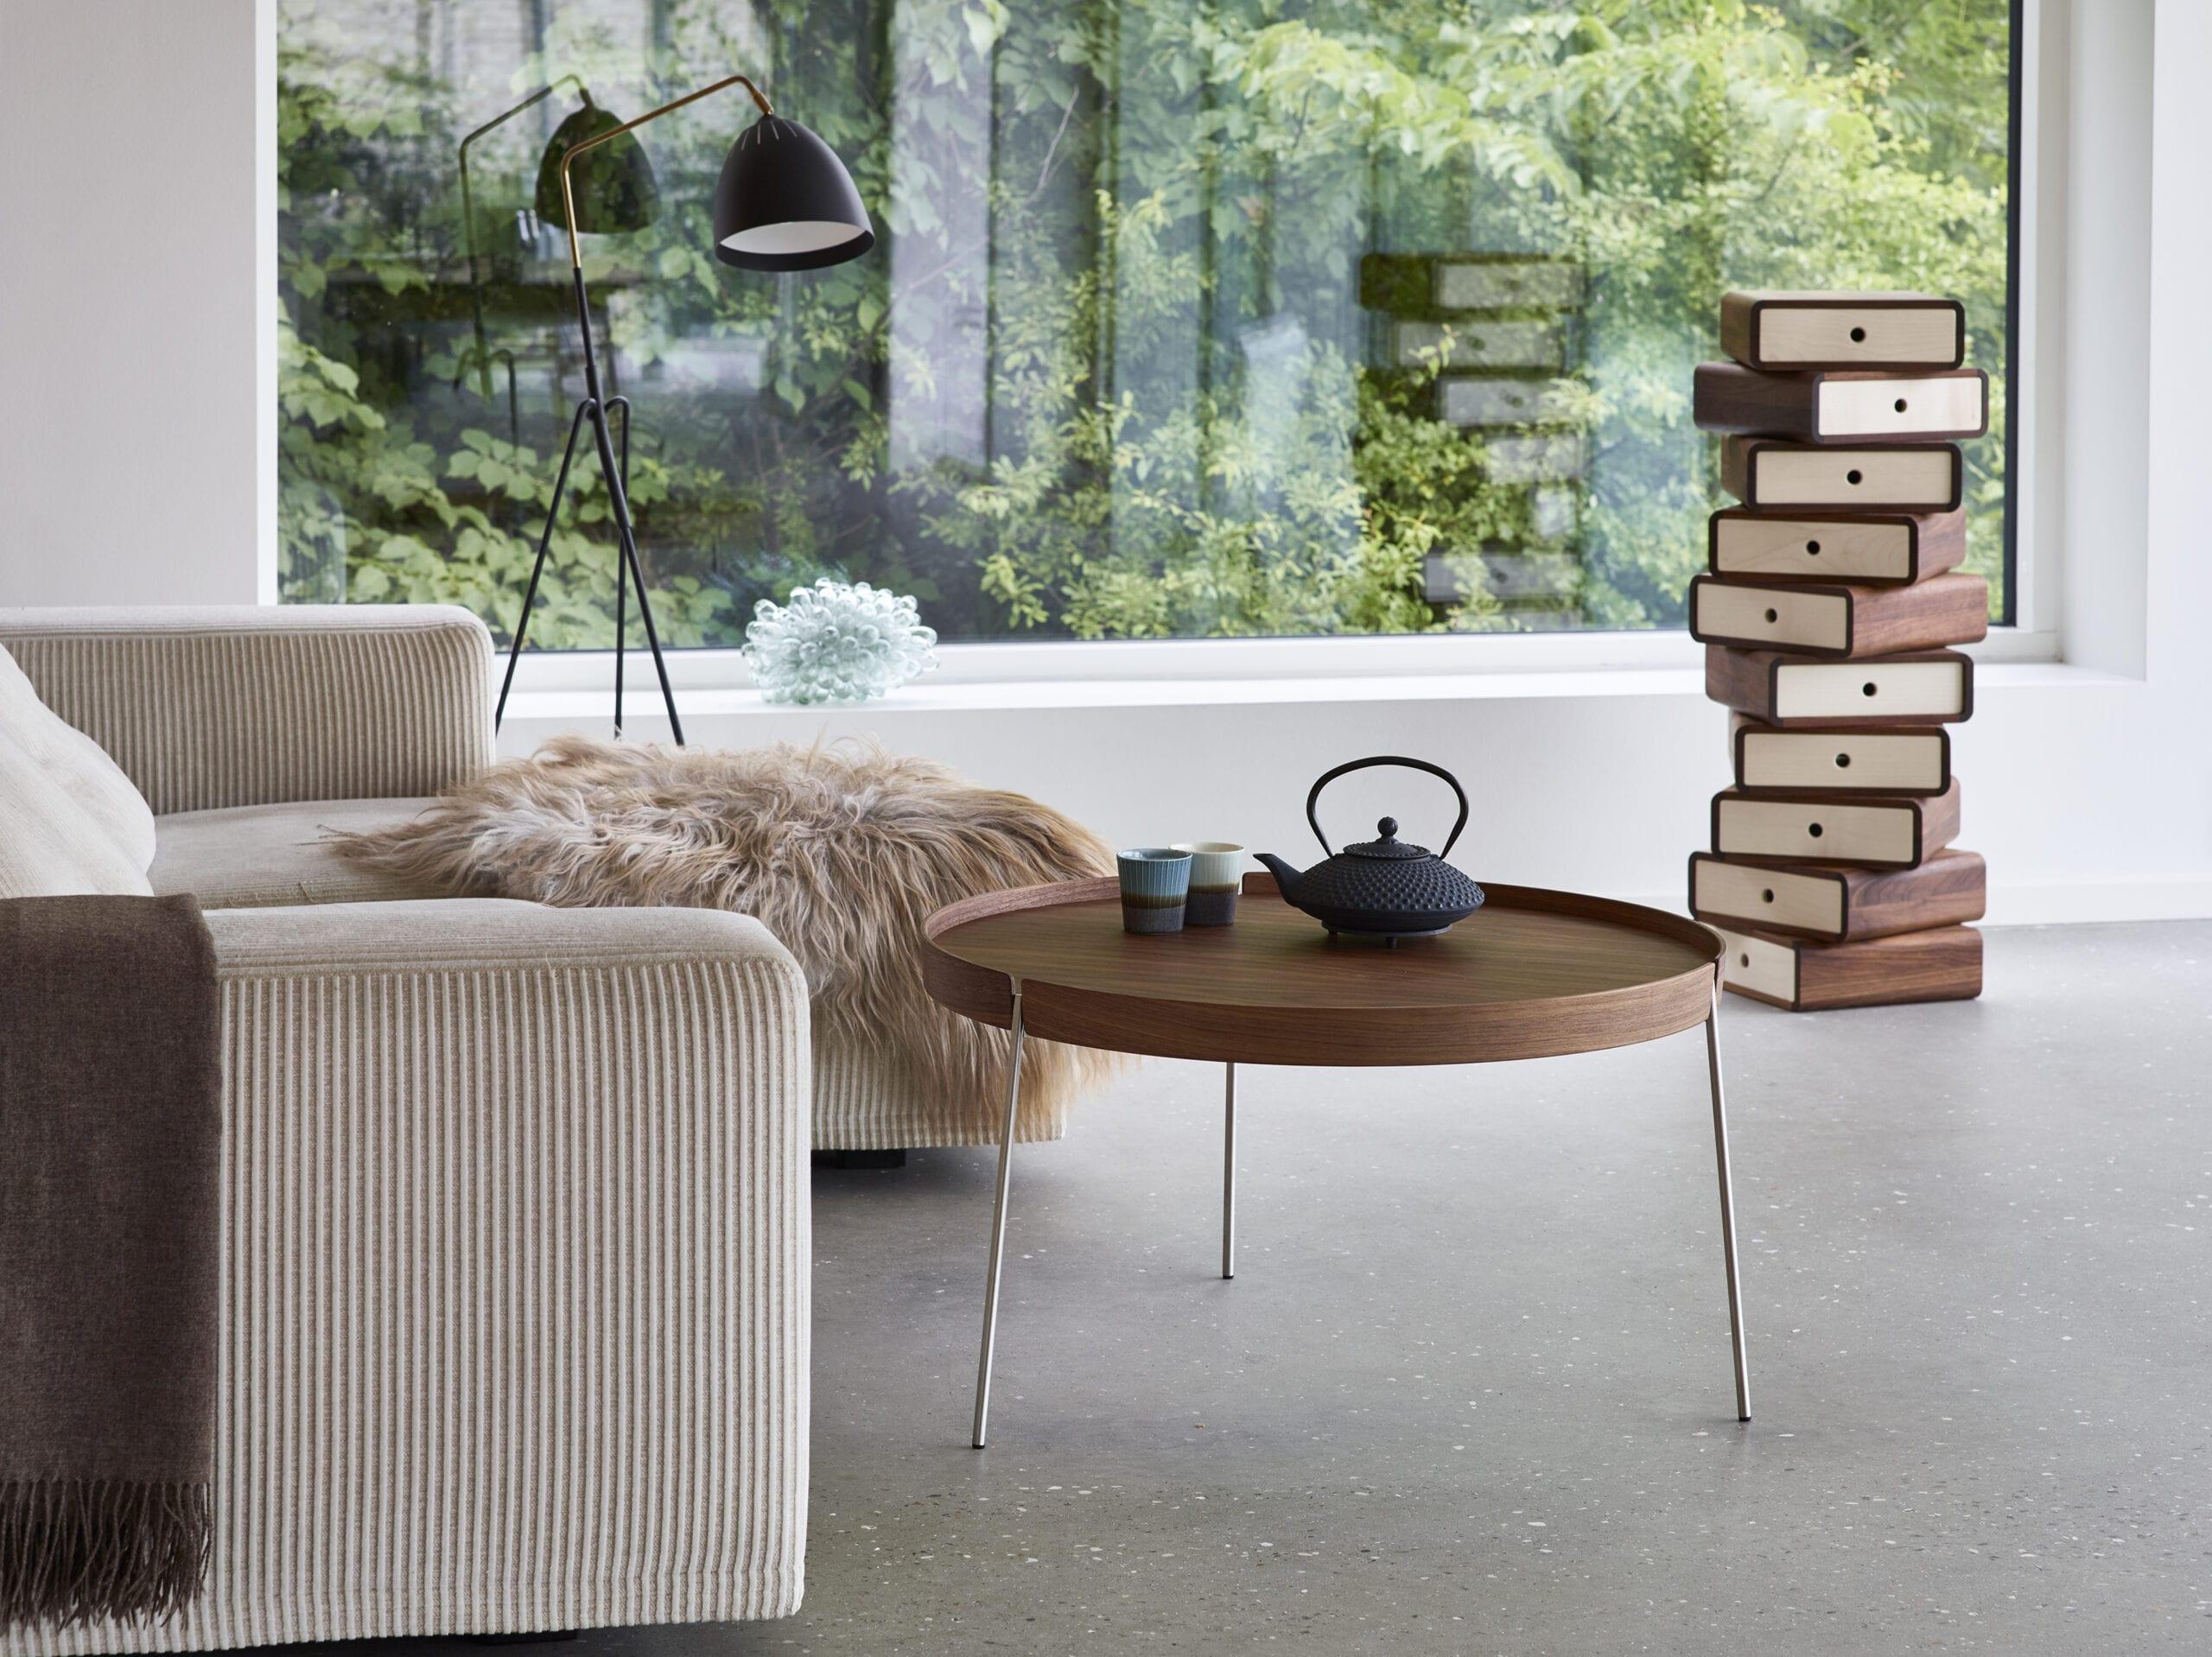 Turn Sofabord Nissen Gehl Aksel Kjersgaard Naver Collection